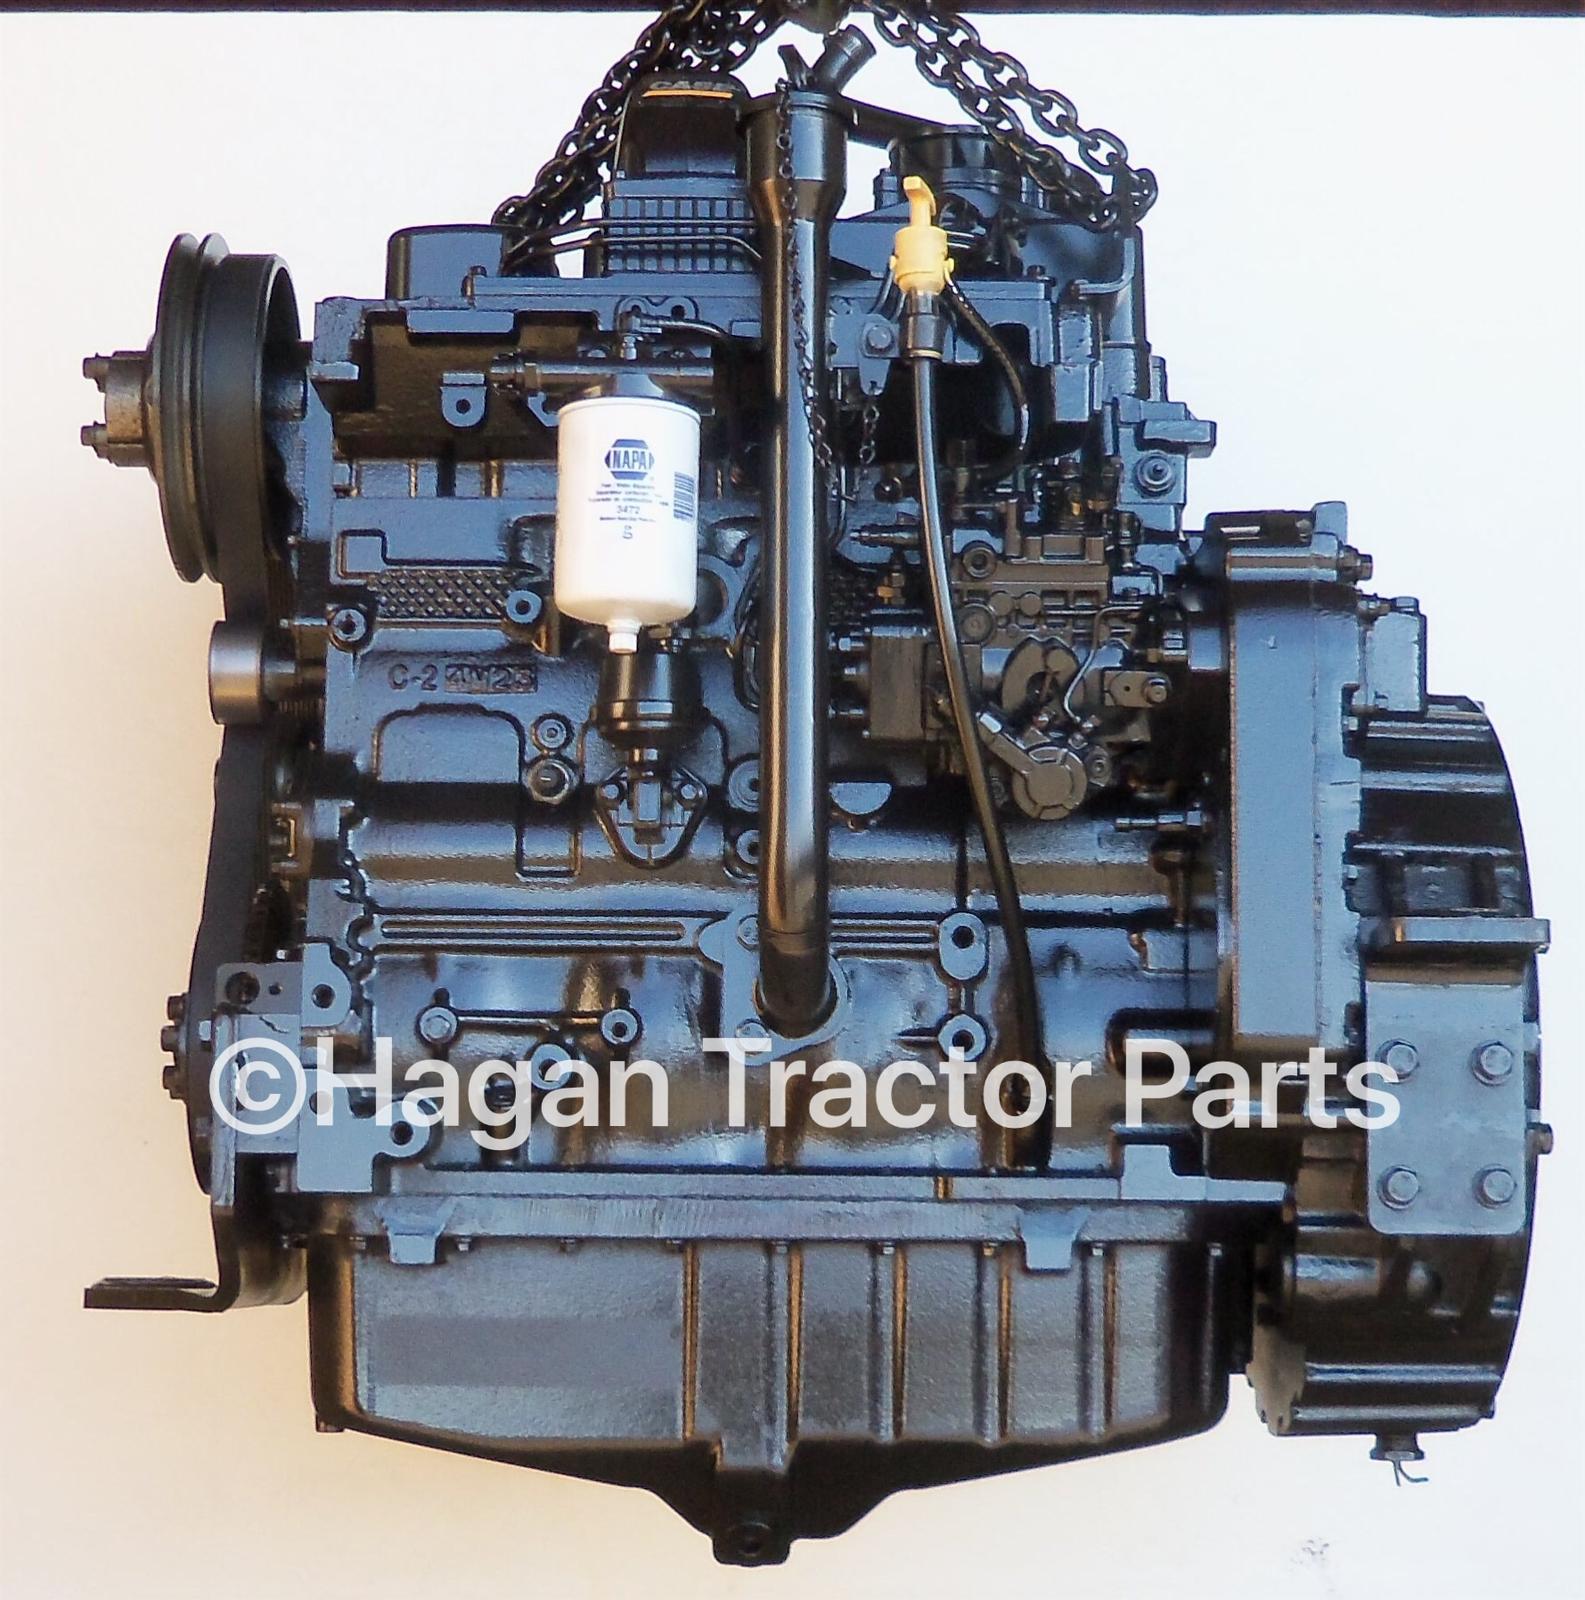 Hagan Tractor Parts